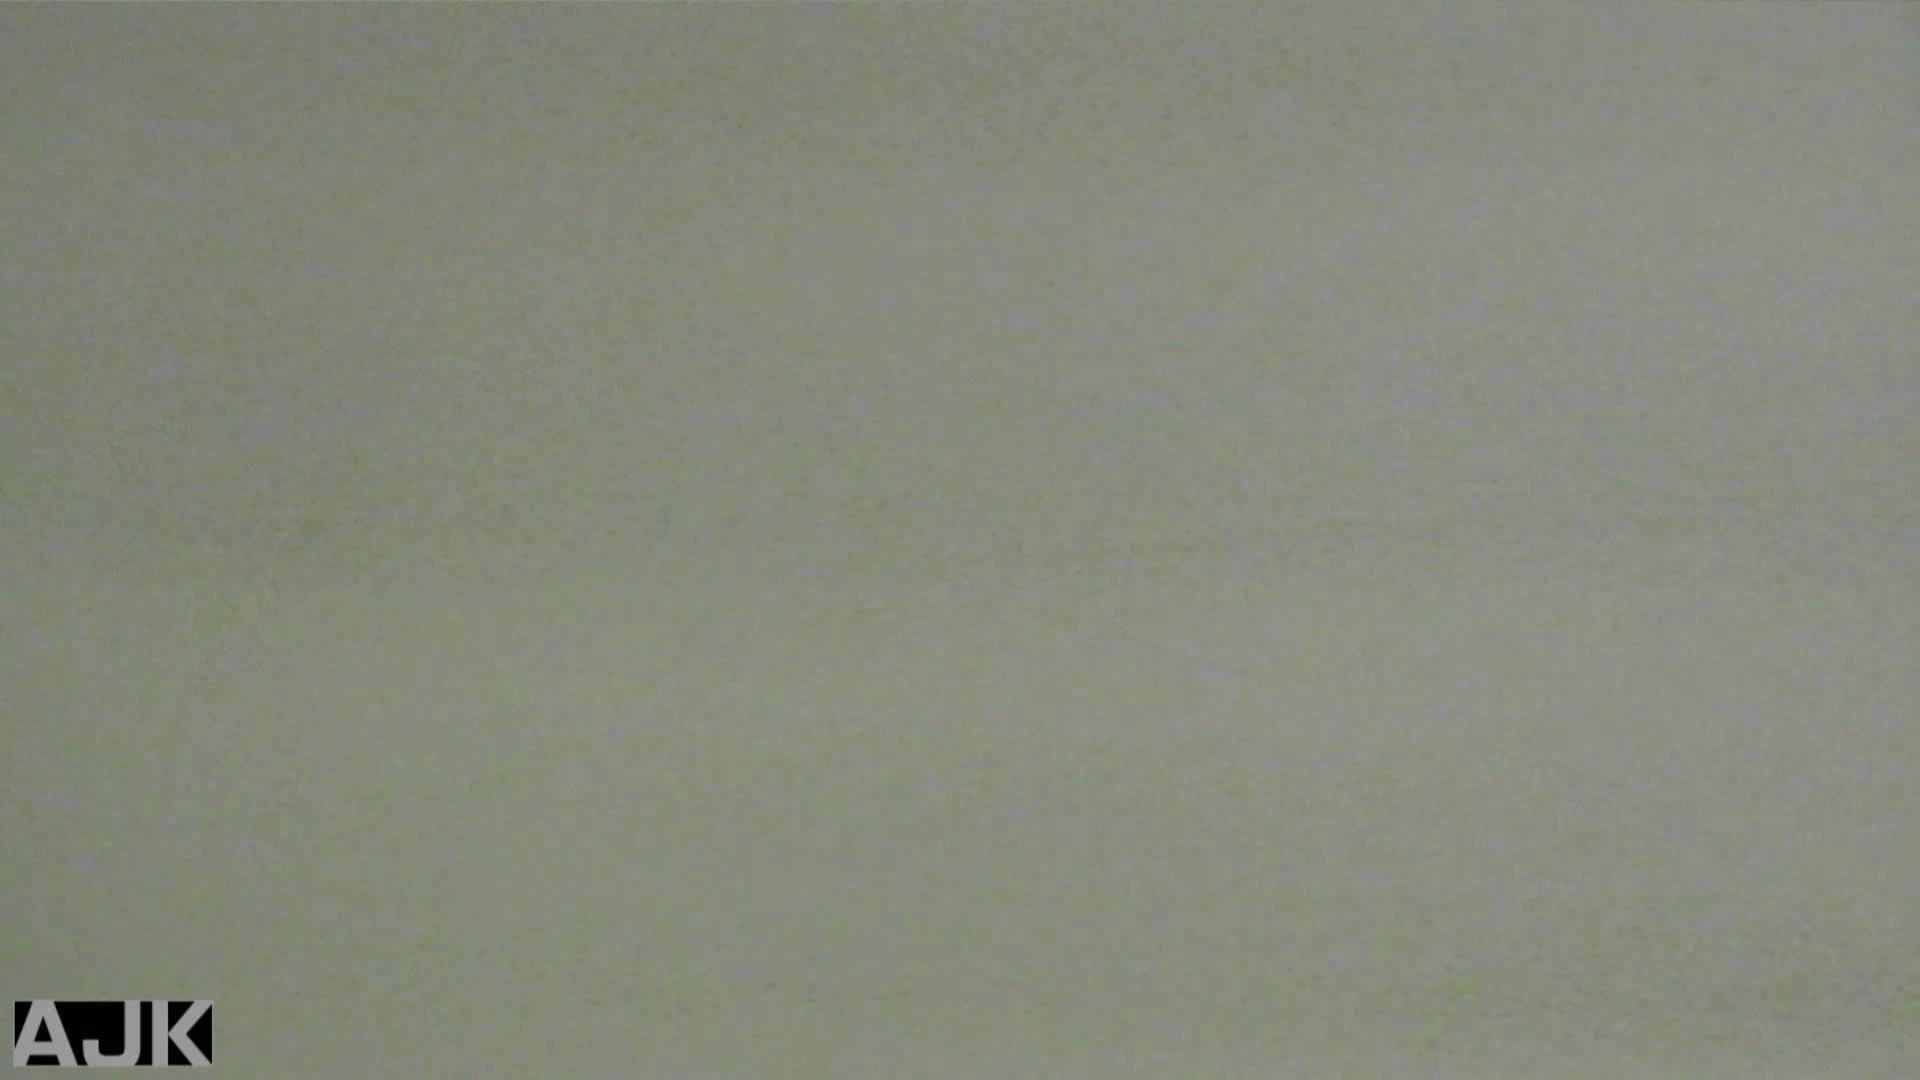 神降臨!史上最強の潜入かわや! vol.28 オマンコ  109連発 21